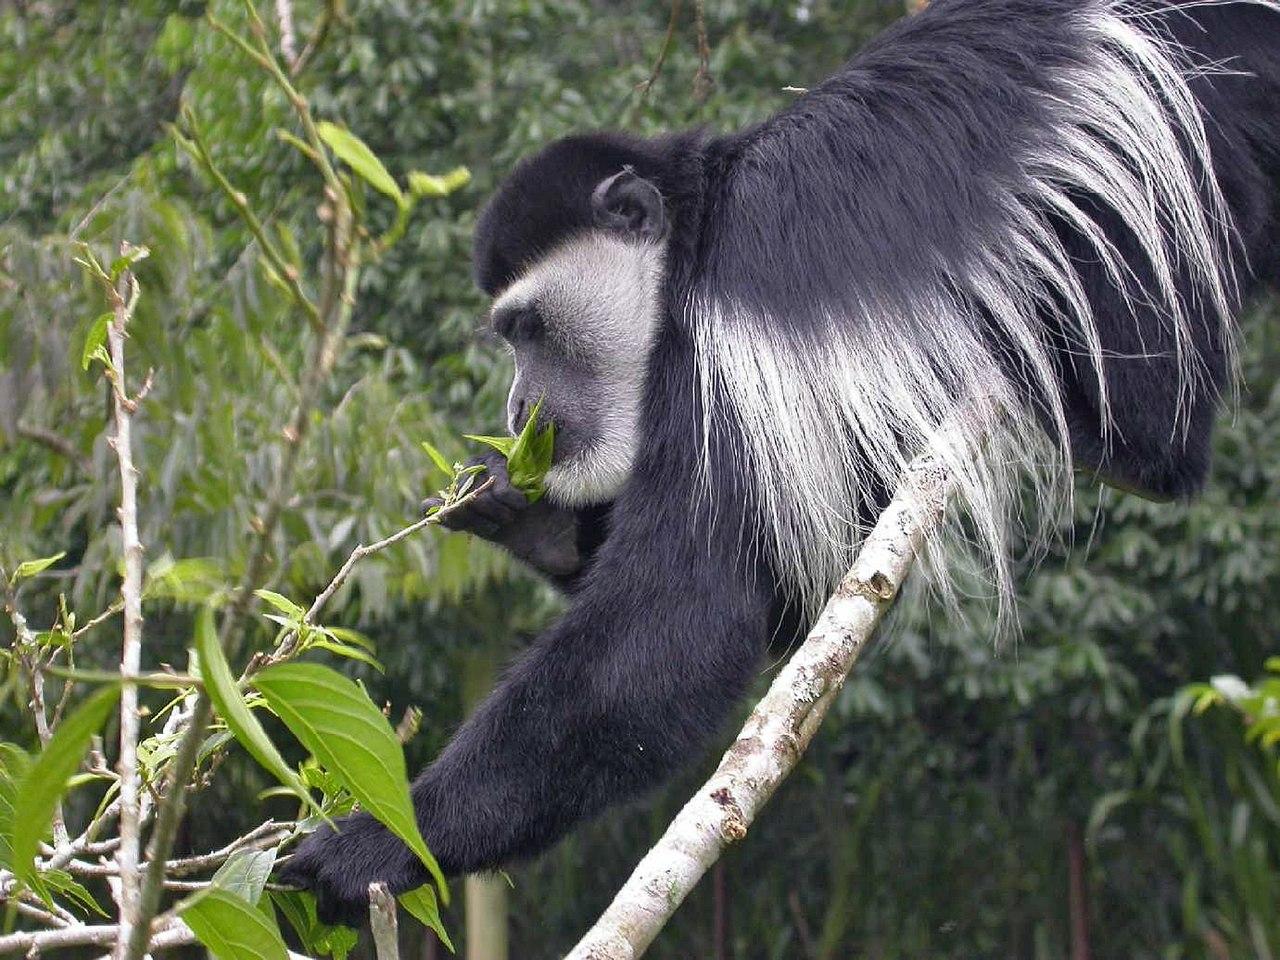 Aree protette ugandesi: il Kibale National Park è stata dichiarato riserva forestale nel 1932.